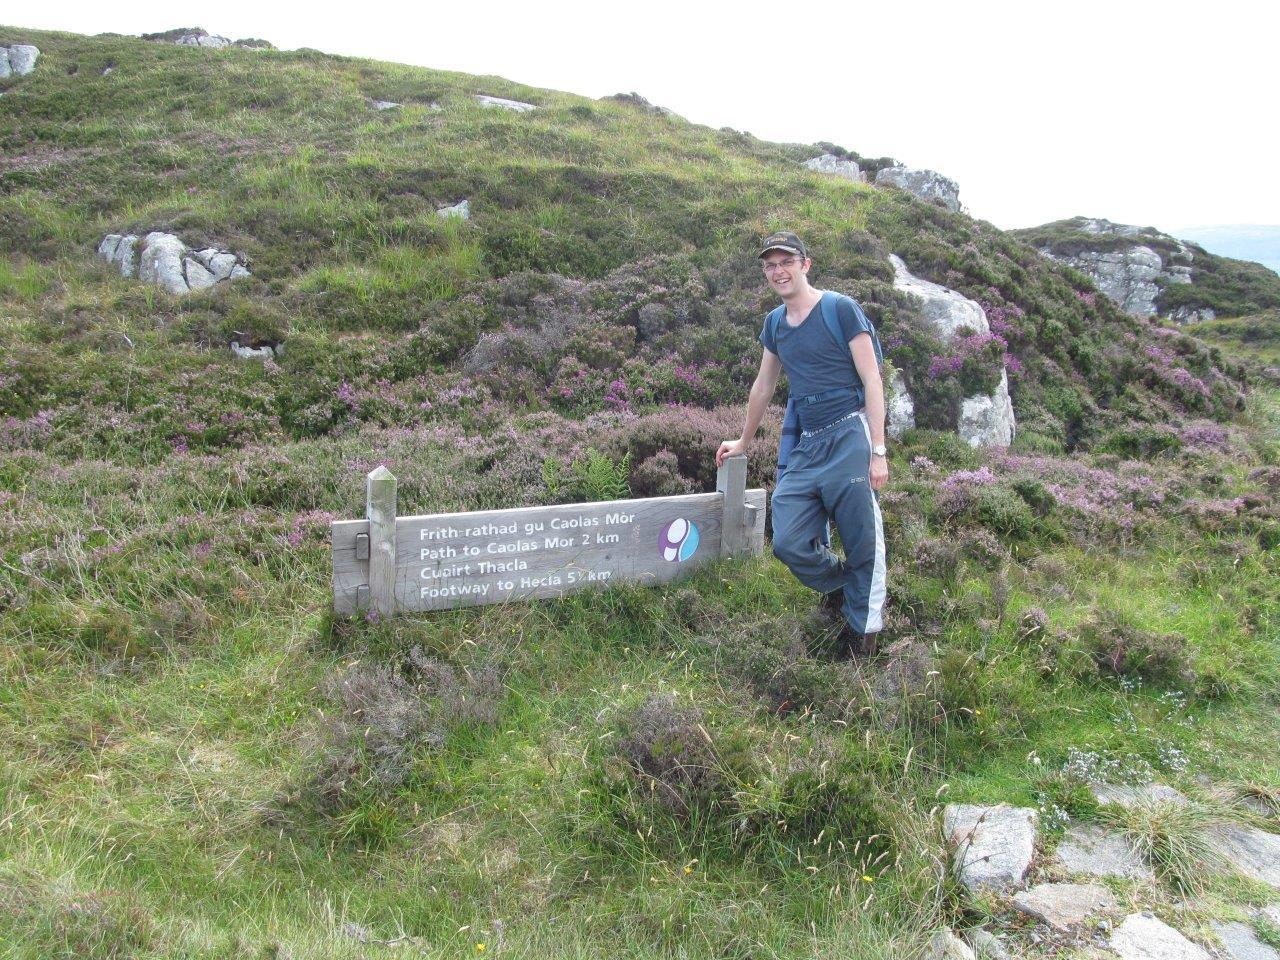 Hecla path sign N Binnie